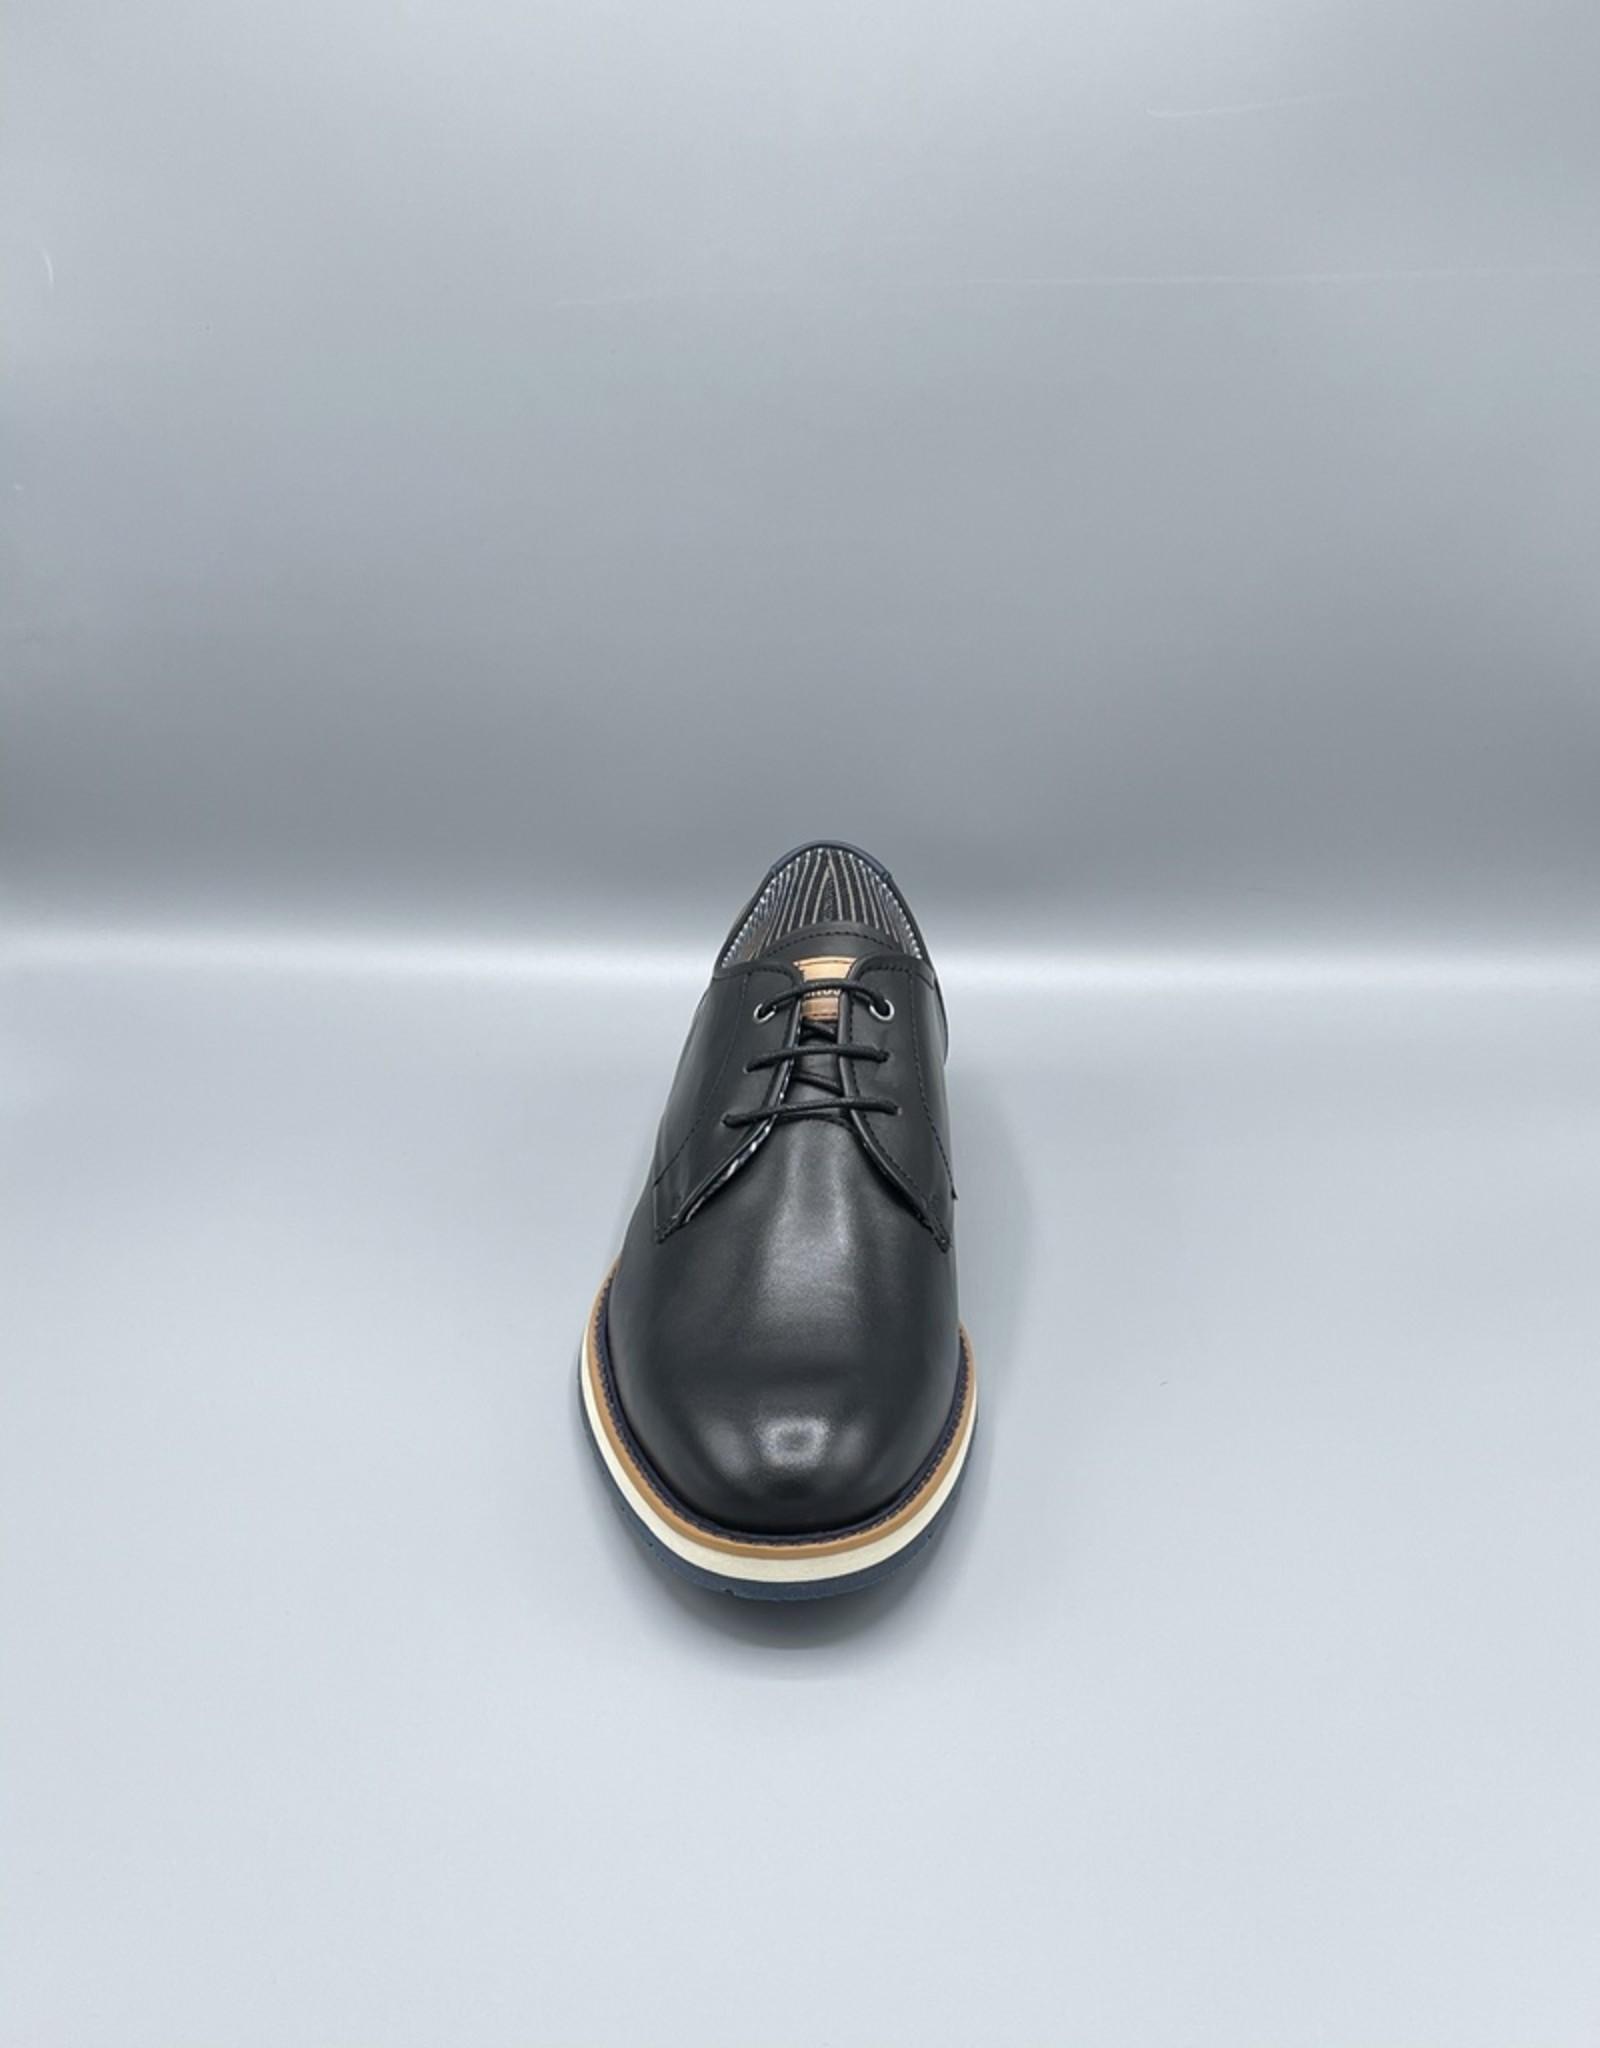 Pikolinos Arona Foam Sole Dress Shoe